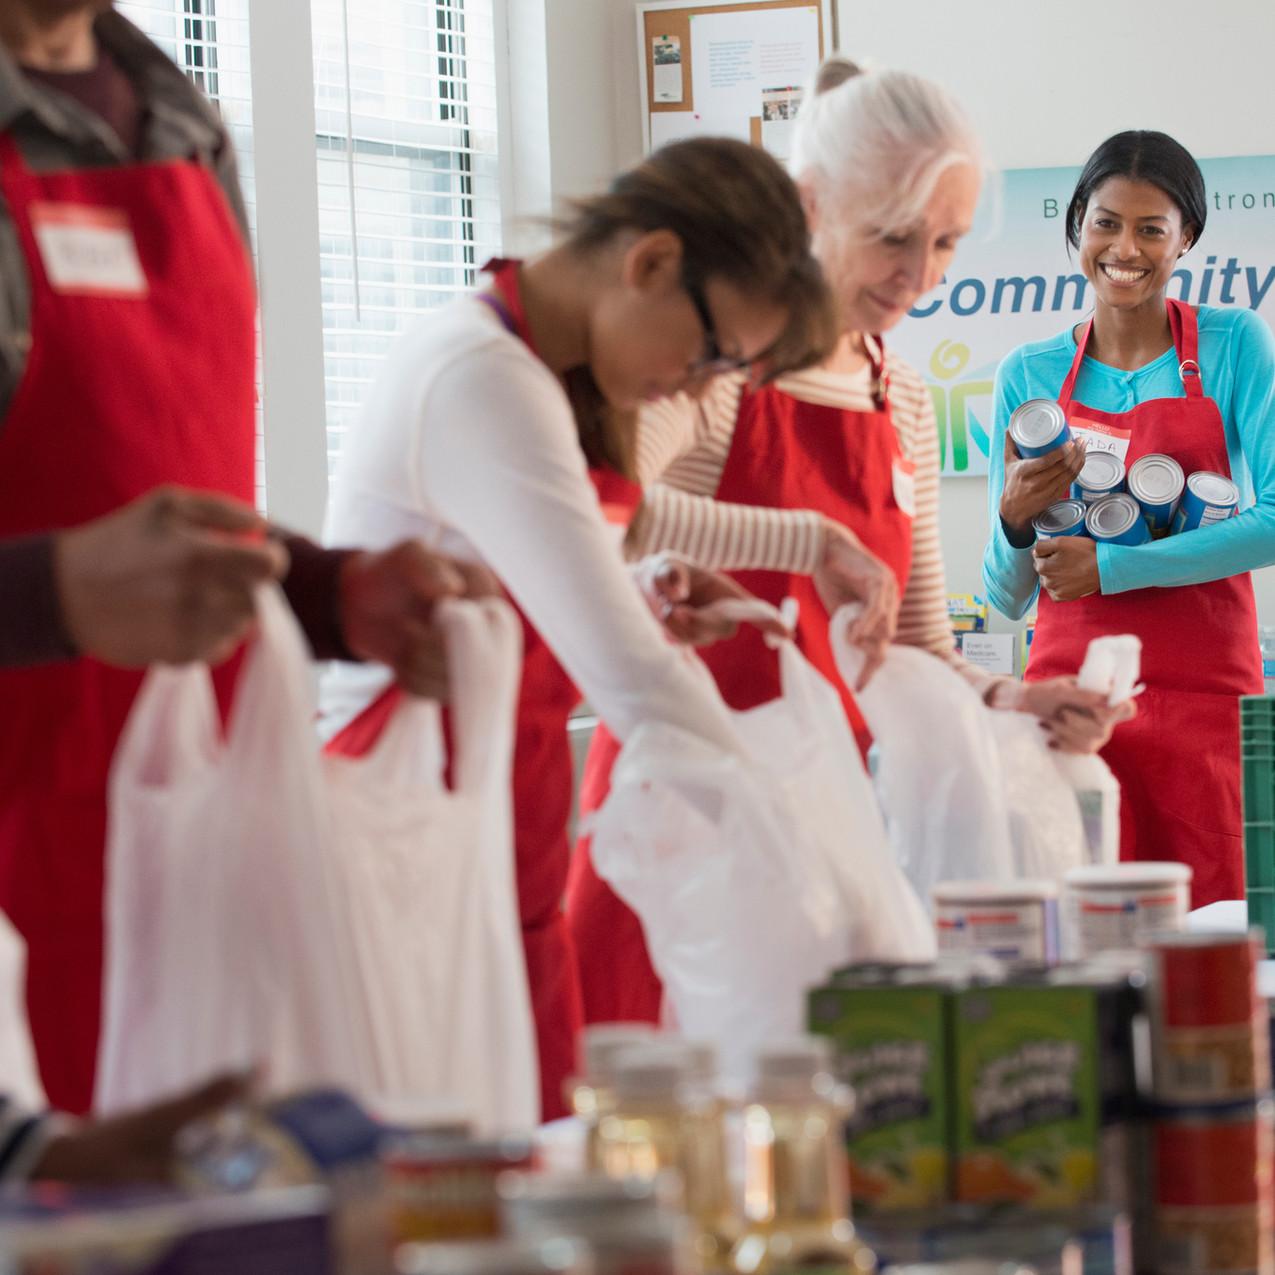 식품 포장 자원 봉사자